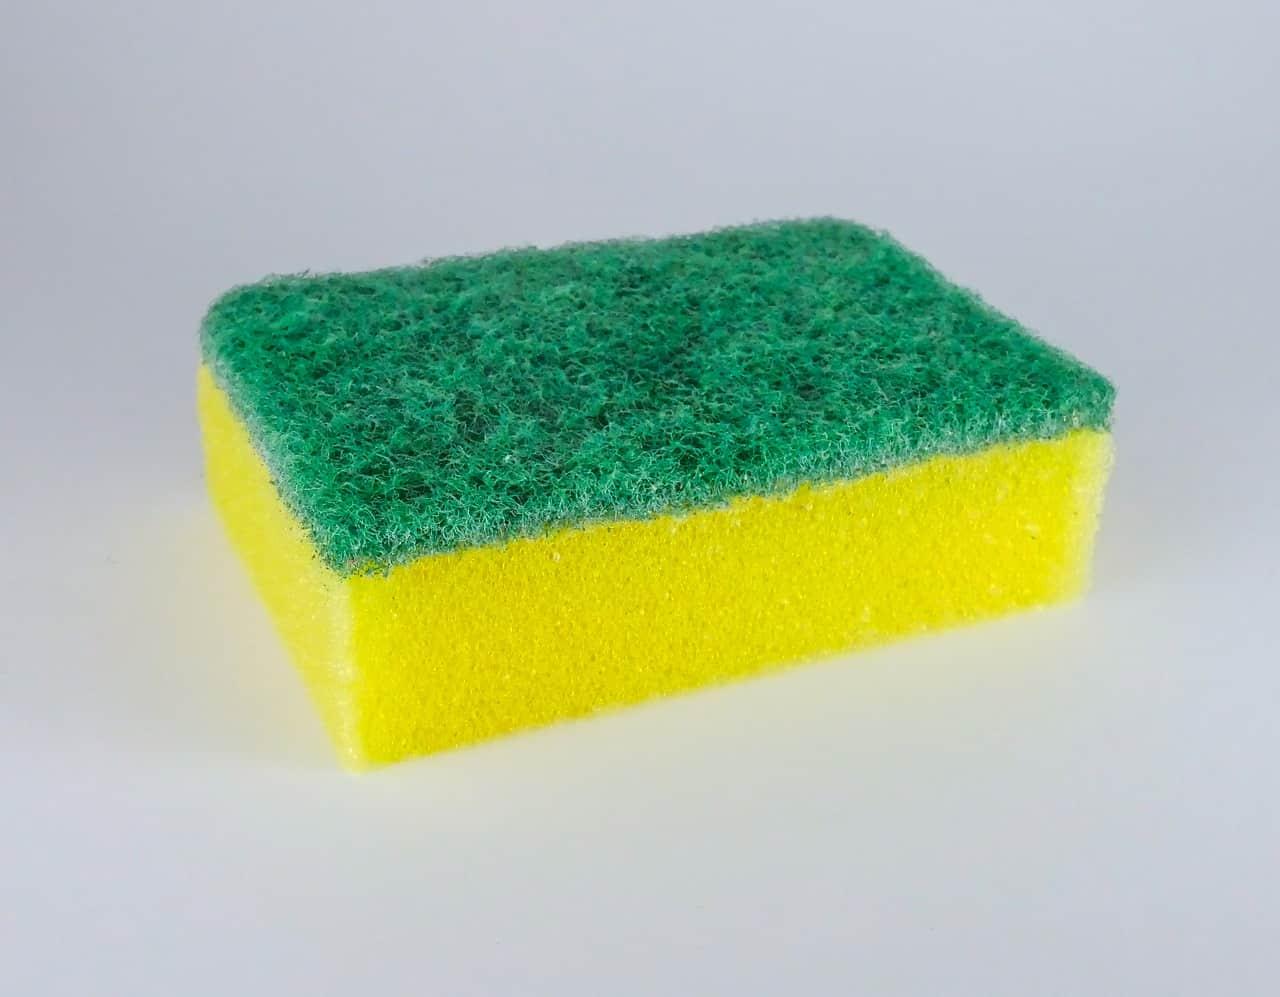 אילו חומרים צריך לניקוי אמבטיה ושירותים